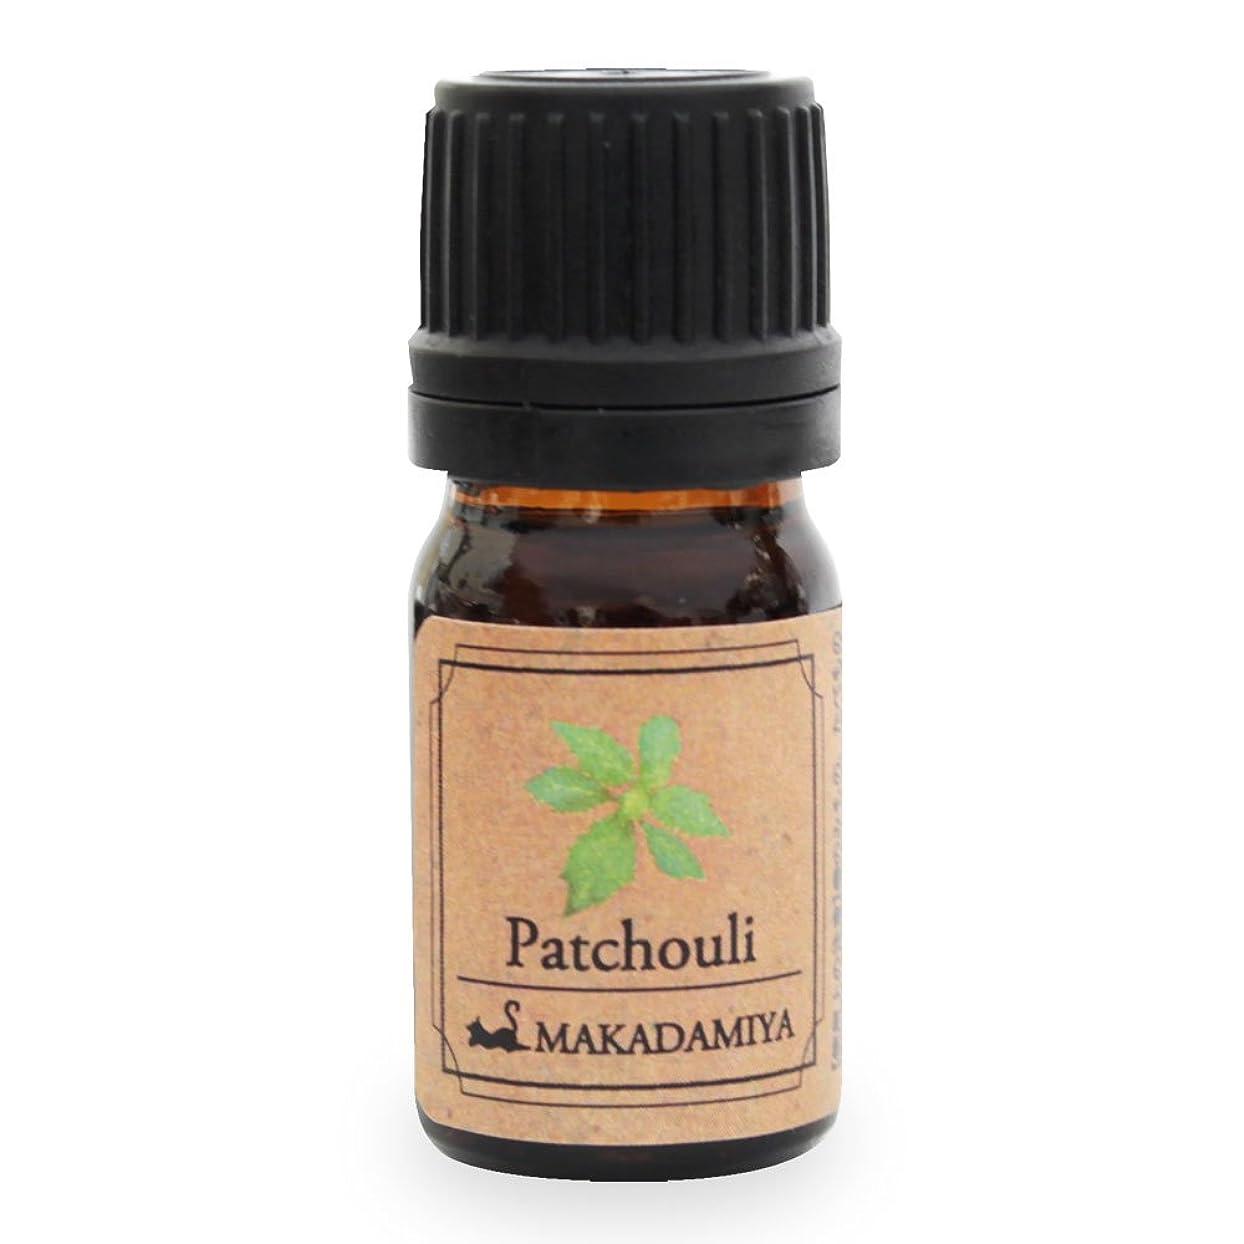 高める輪郭ストライプパチュリ5ml 天然100%植物性 エッセンシャルオイル(精油) アロマオイル アロママッサージ aroma Patchouli